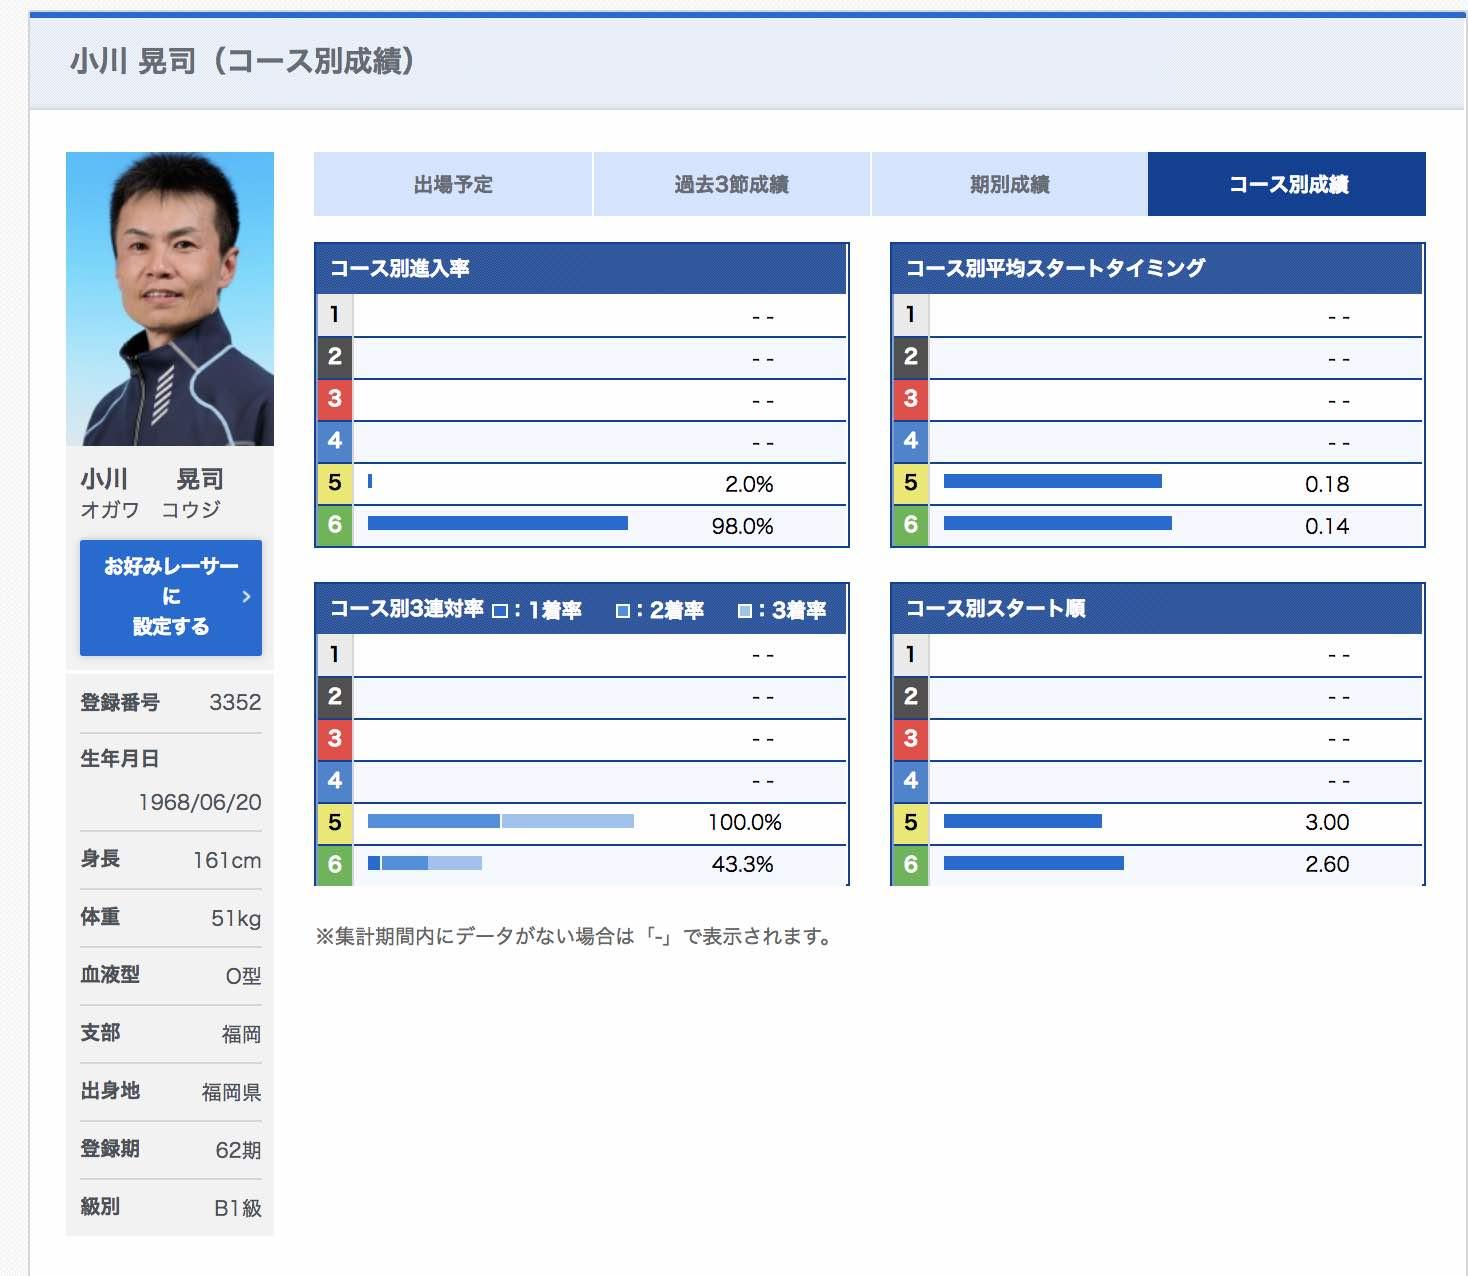 小川晃司という競艇選手はアウト専門ボートレーサーだ